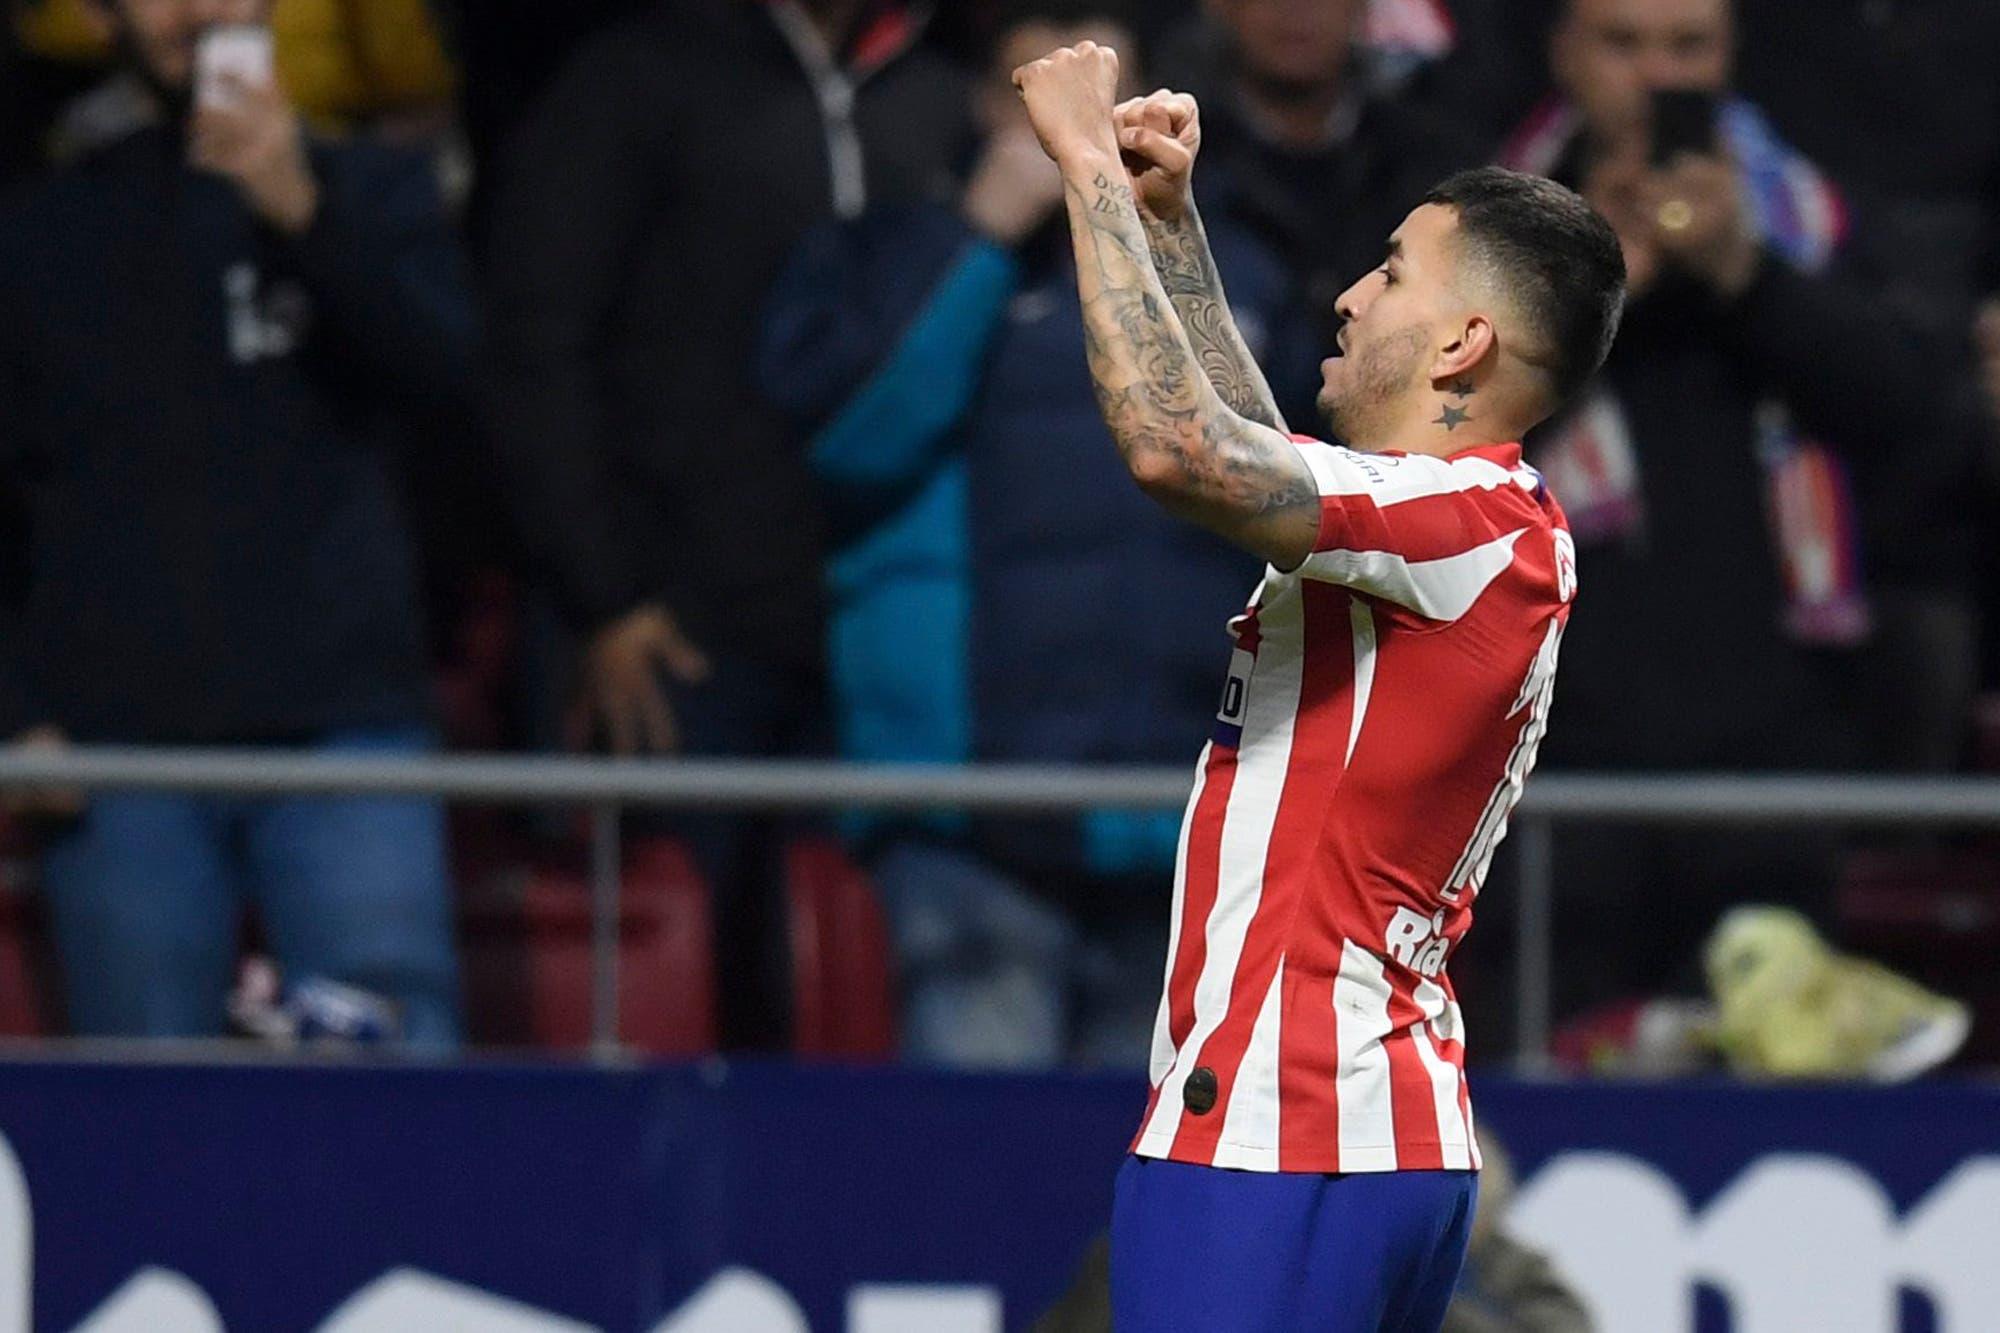 Ángel Correa le dio la victoria y aire al Atlético de Madrid del Cholo Simeone: frenó la serie de derrotas